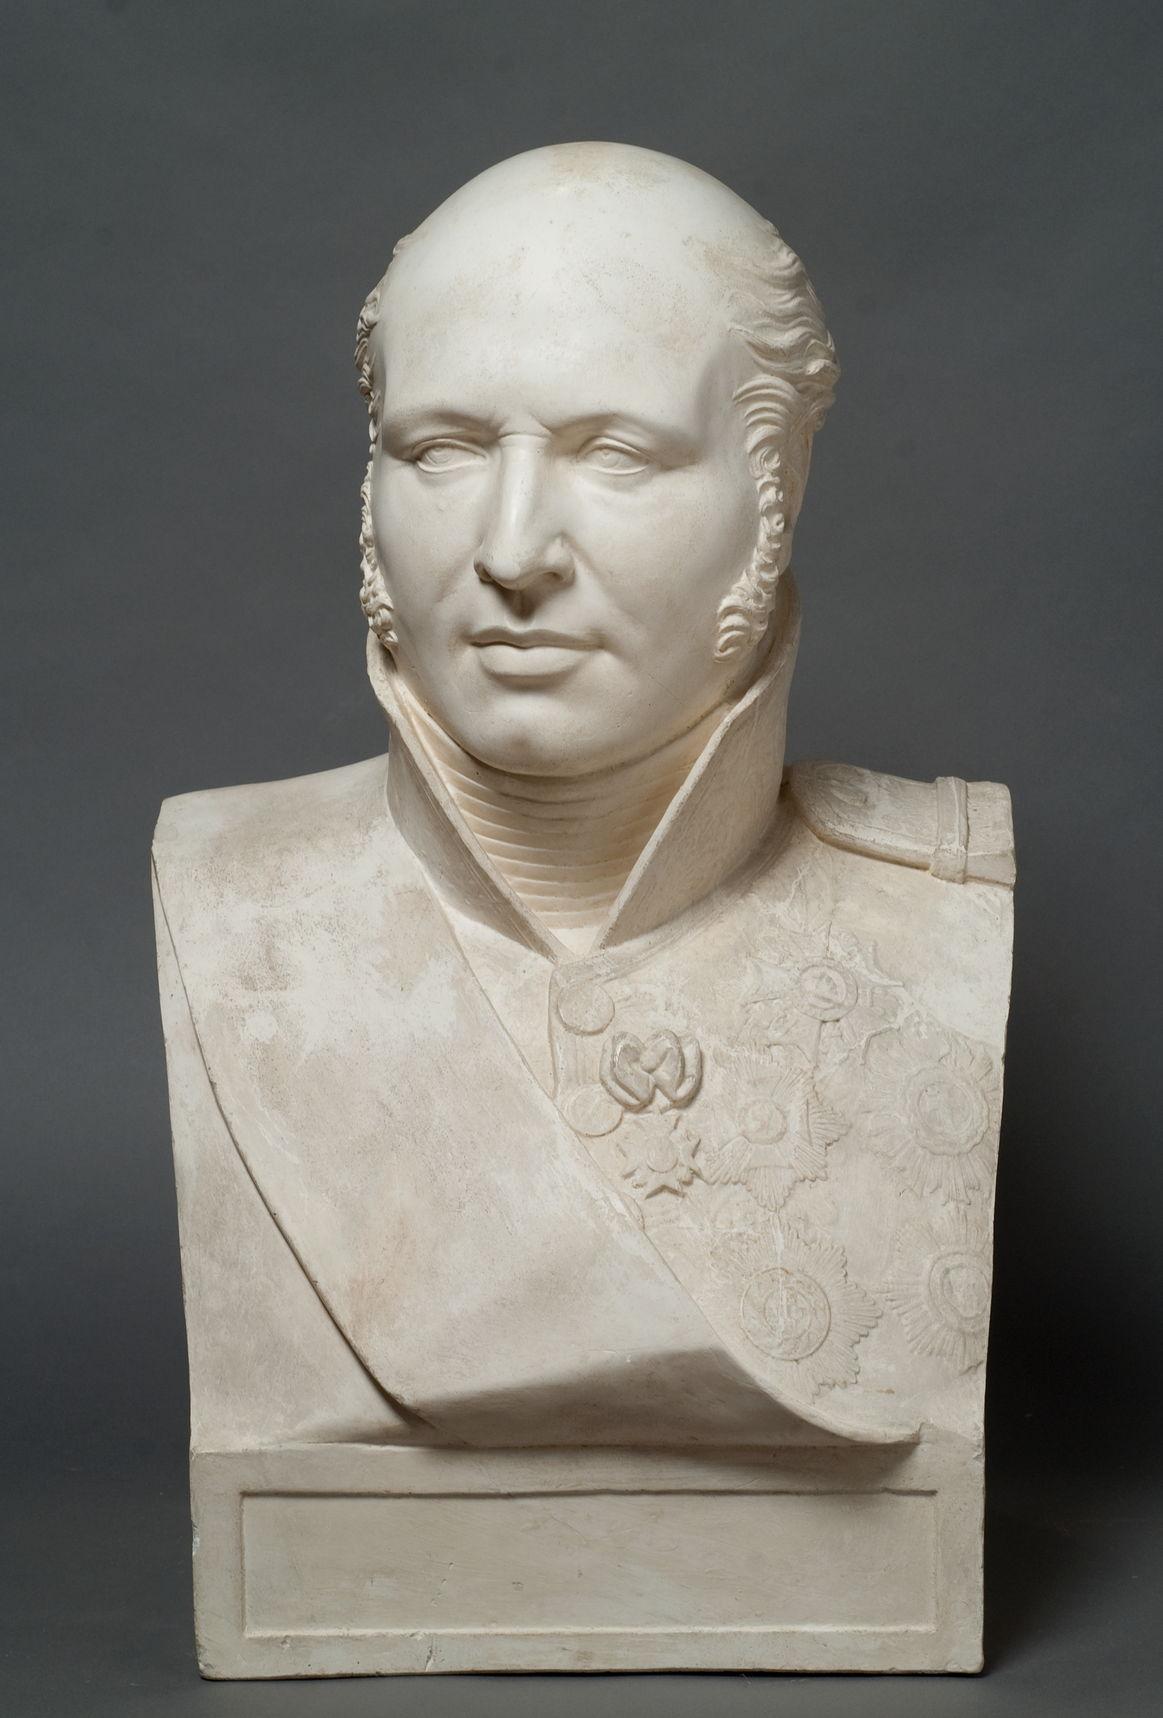 Портрет маршала Л.-Н. Даву Неизвестный скульптор с гипсового слепка Ф.А. Жаке по оригиналу Ф.Ж. Бозио.